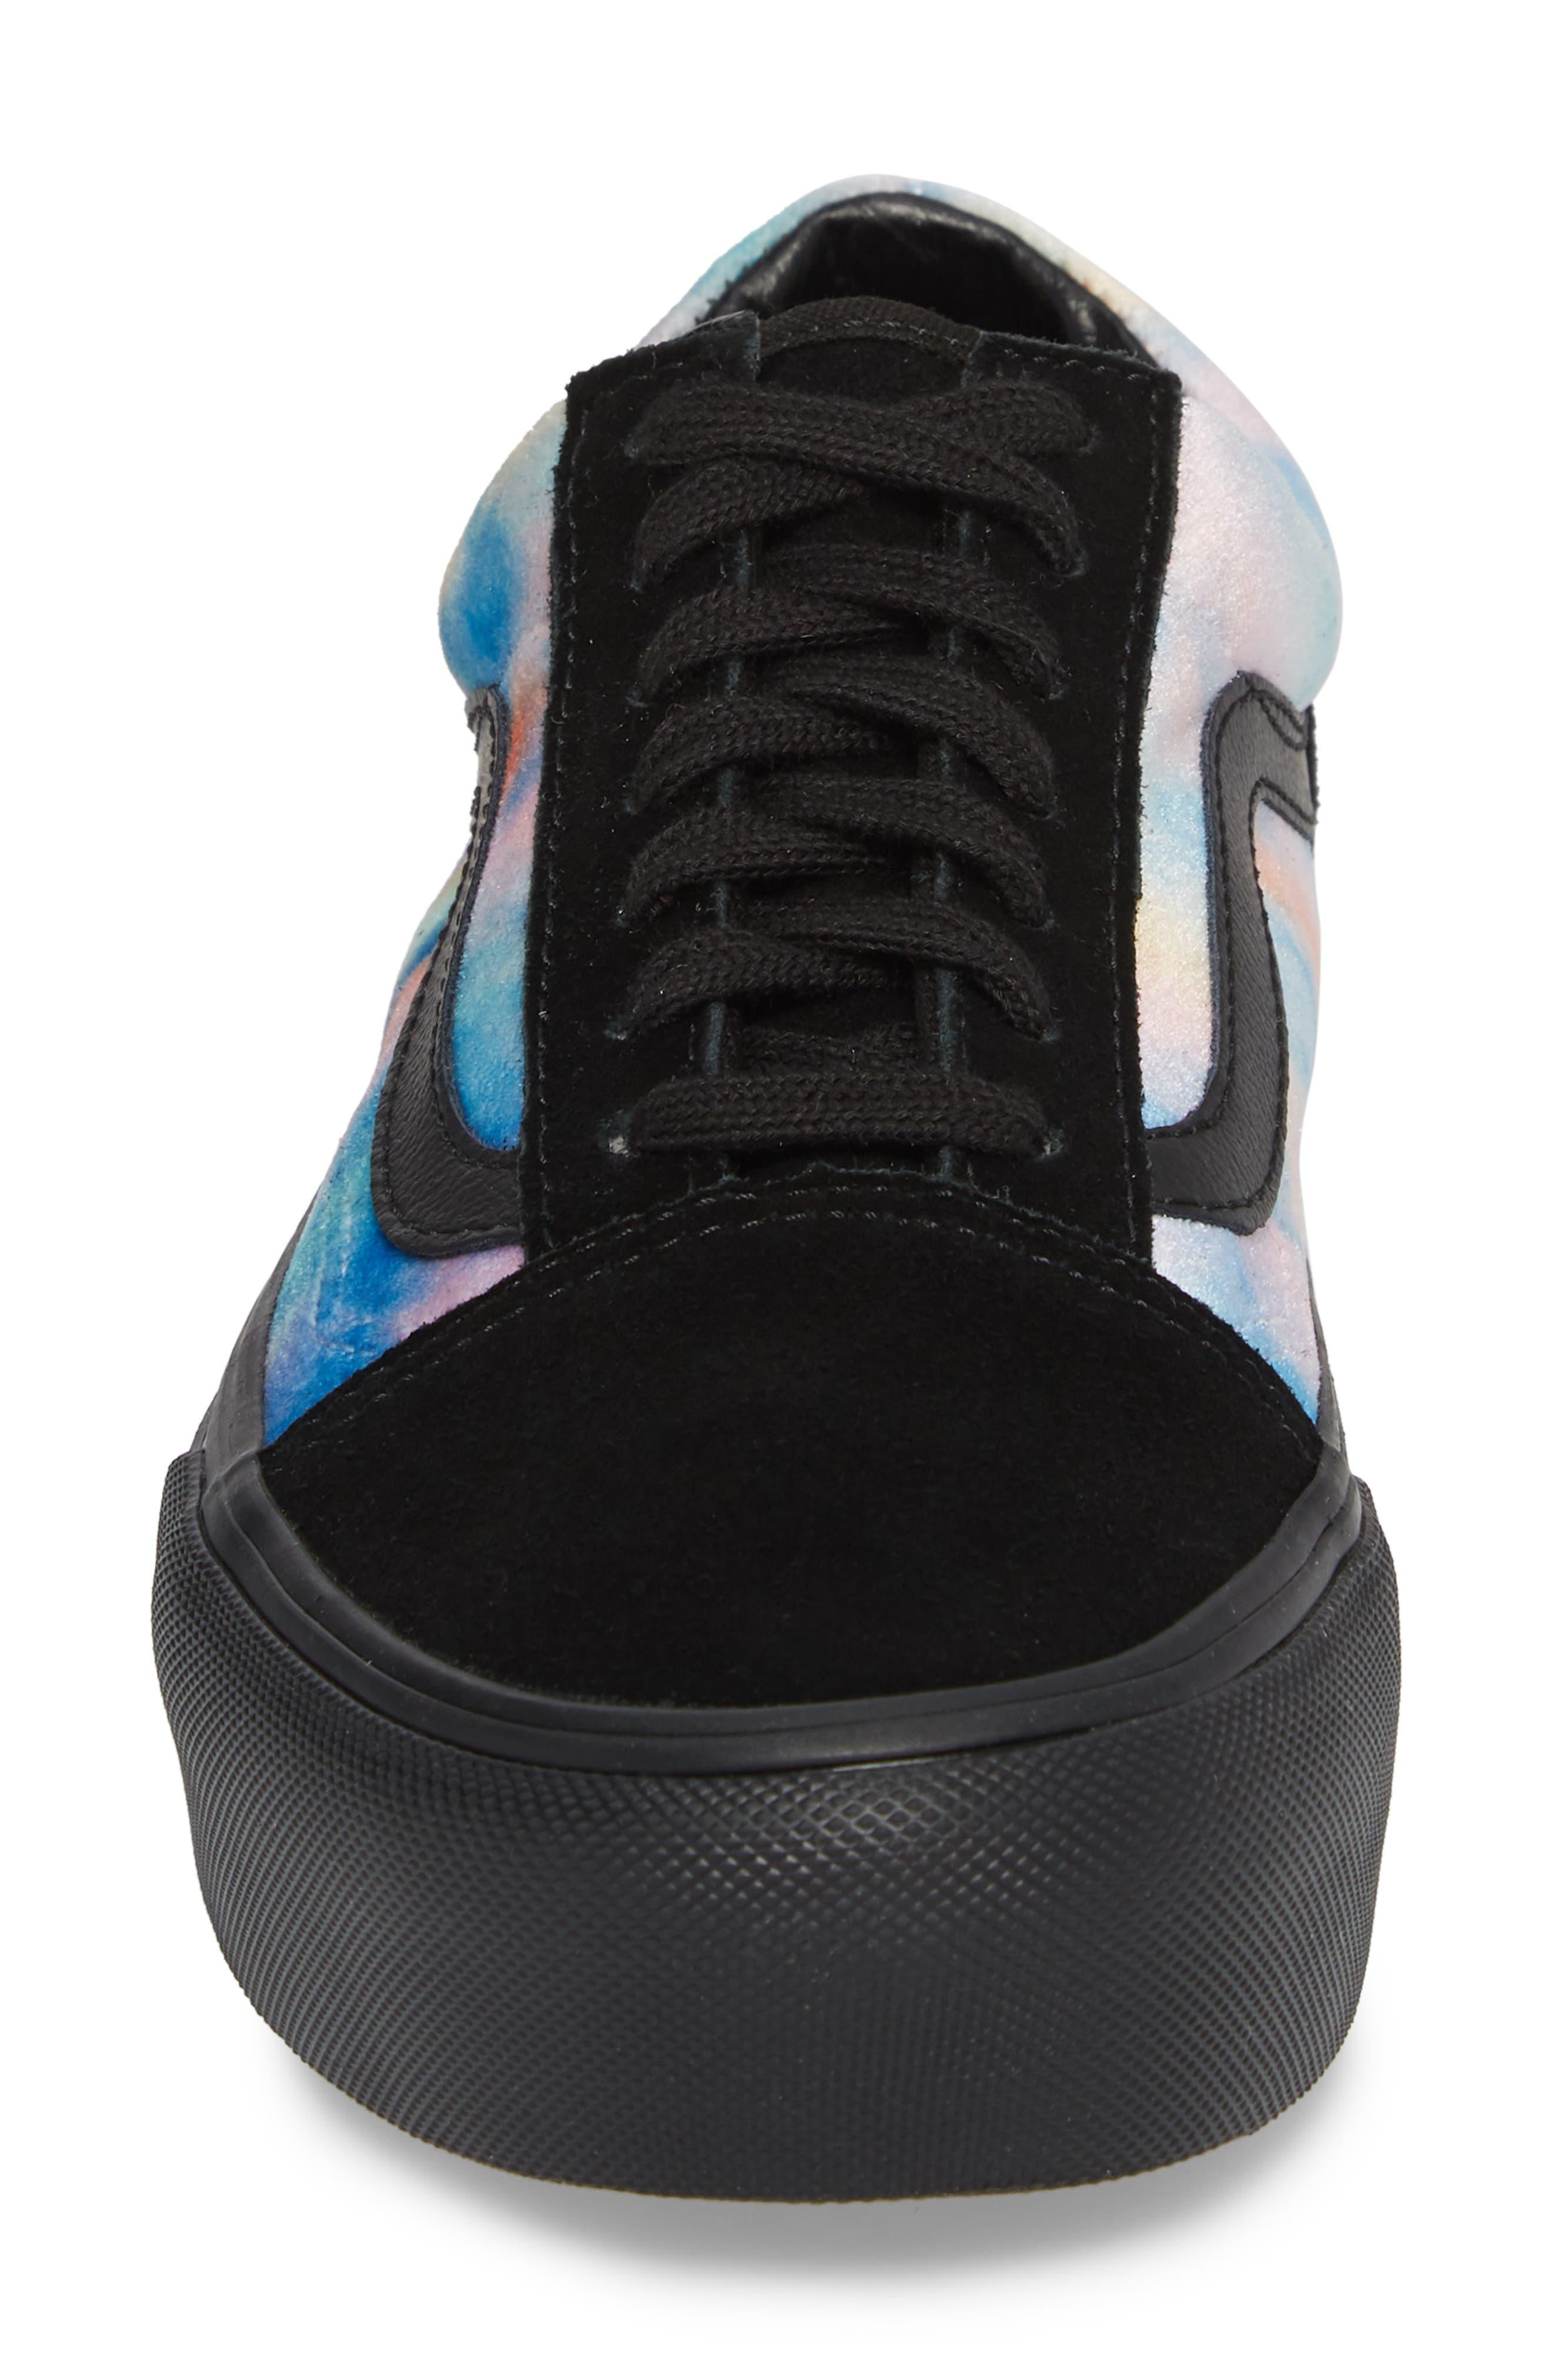 Old Skool Platform Sneaker,                             Alternate thumbnail 5, color,                             Velvet Tie-Dye Multi/ Black